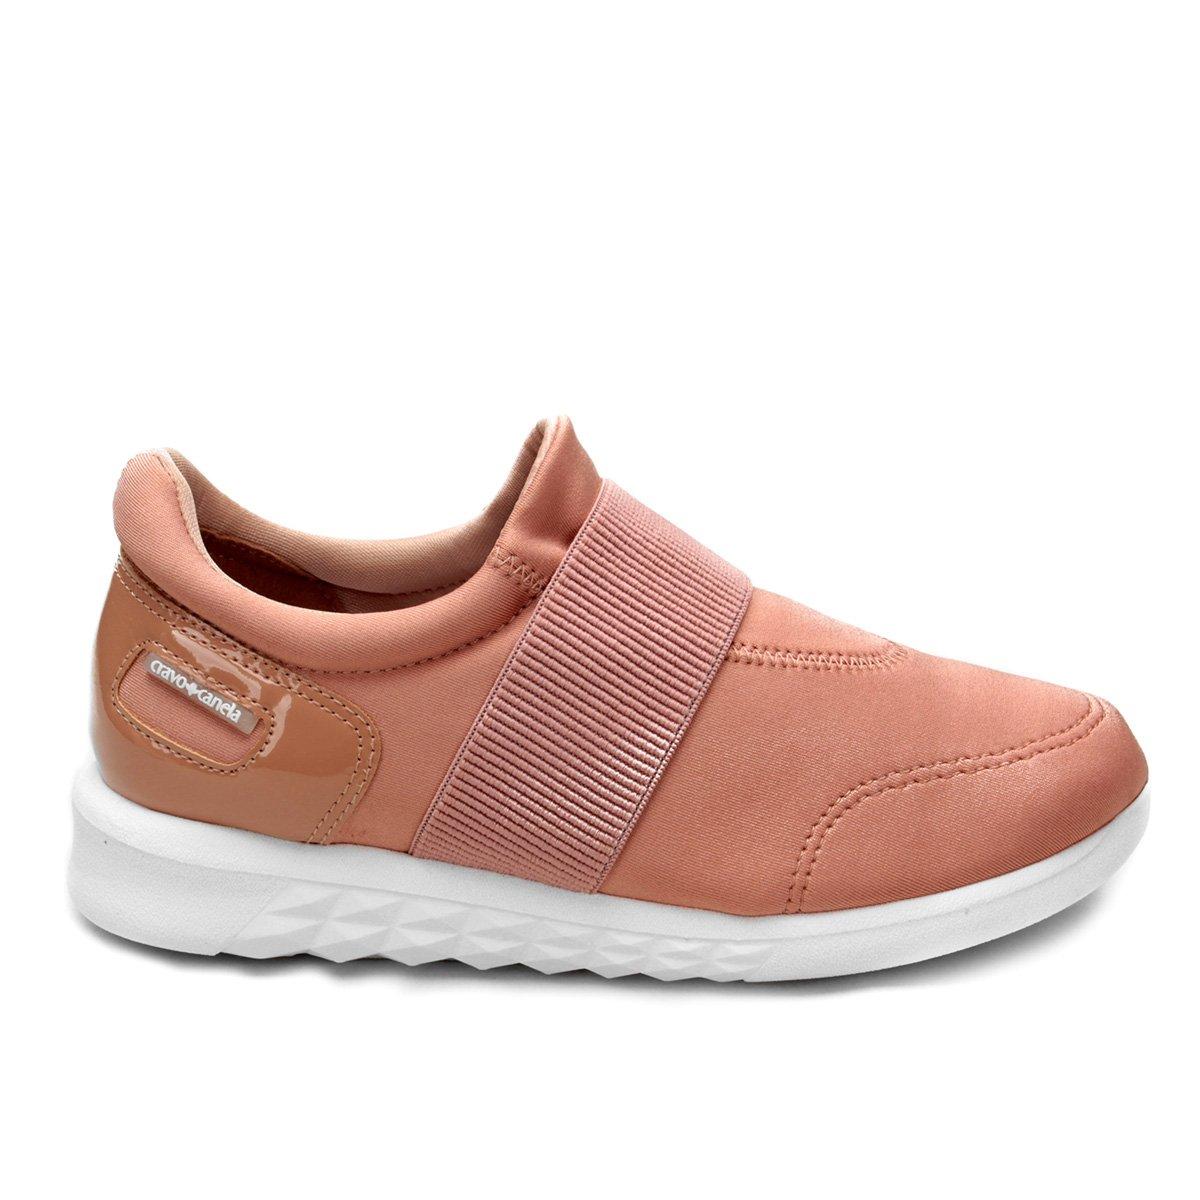 Tênis Tênis Cravo Cravo Rosa amp; Jogging Canela Elástico Feminino FwFqz5d